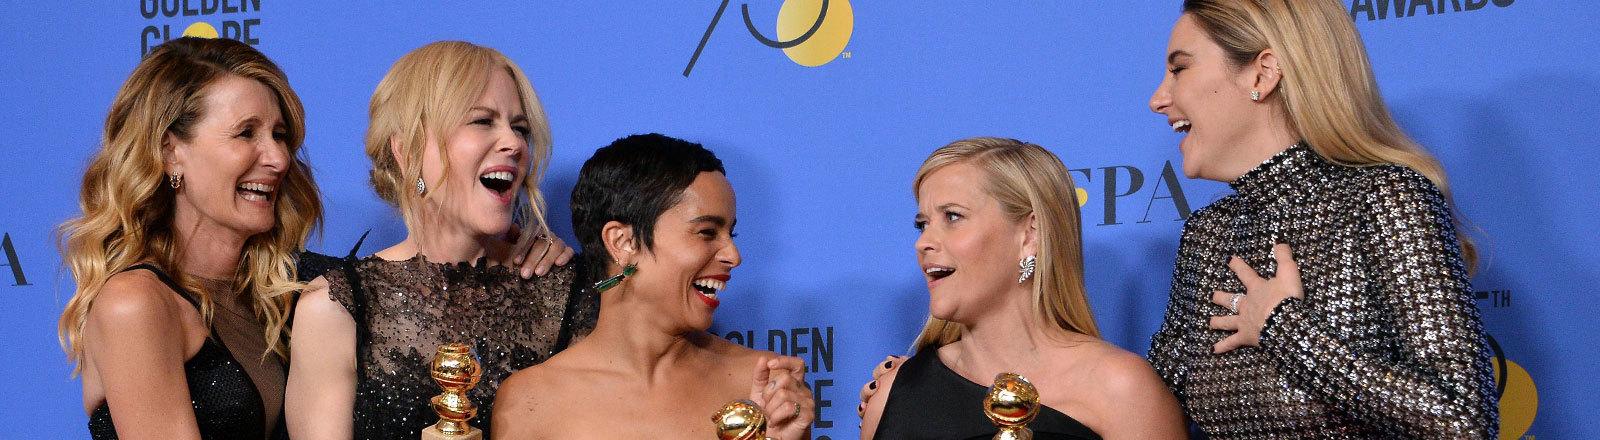 Fünf Schauspielerinnen auf der Preisverleihung Golden Globes 2018